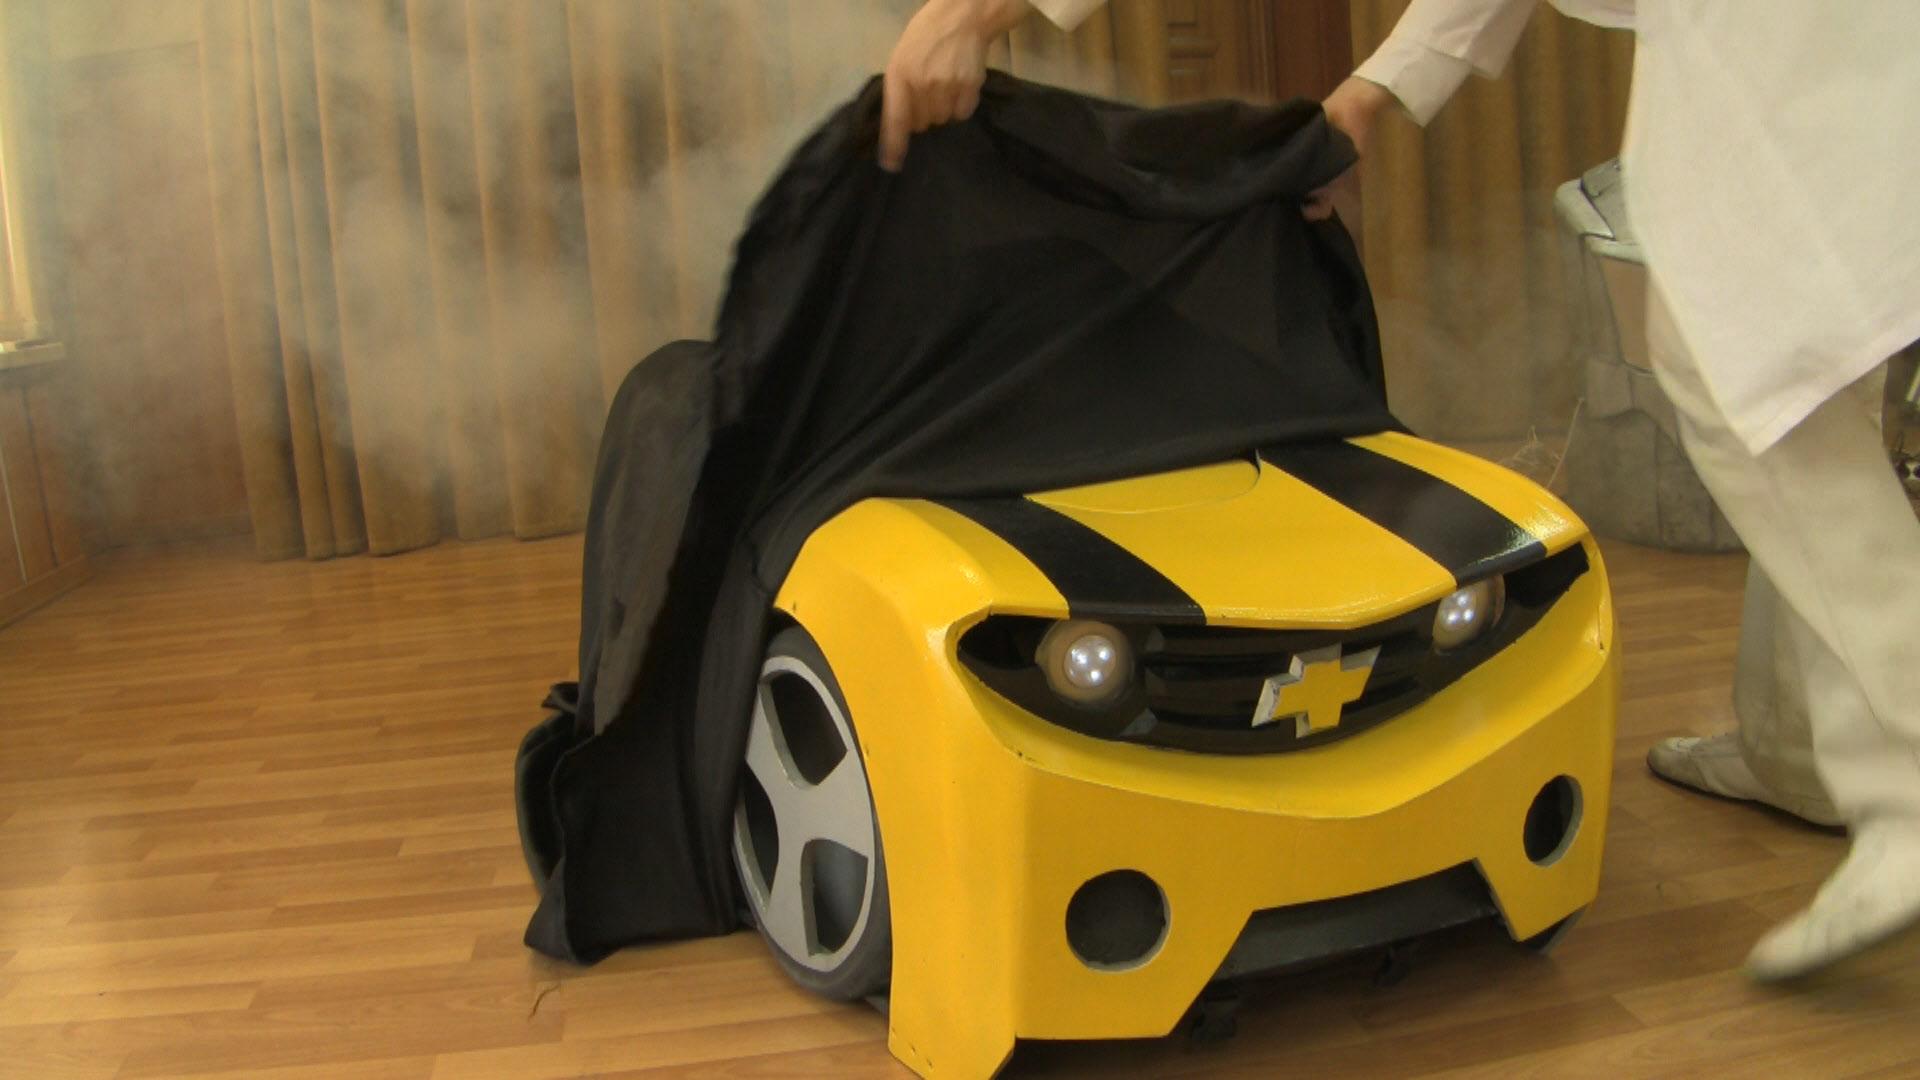 производство роботов для детей и подростков